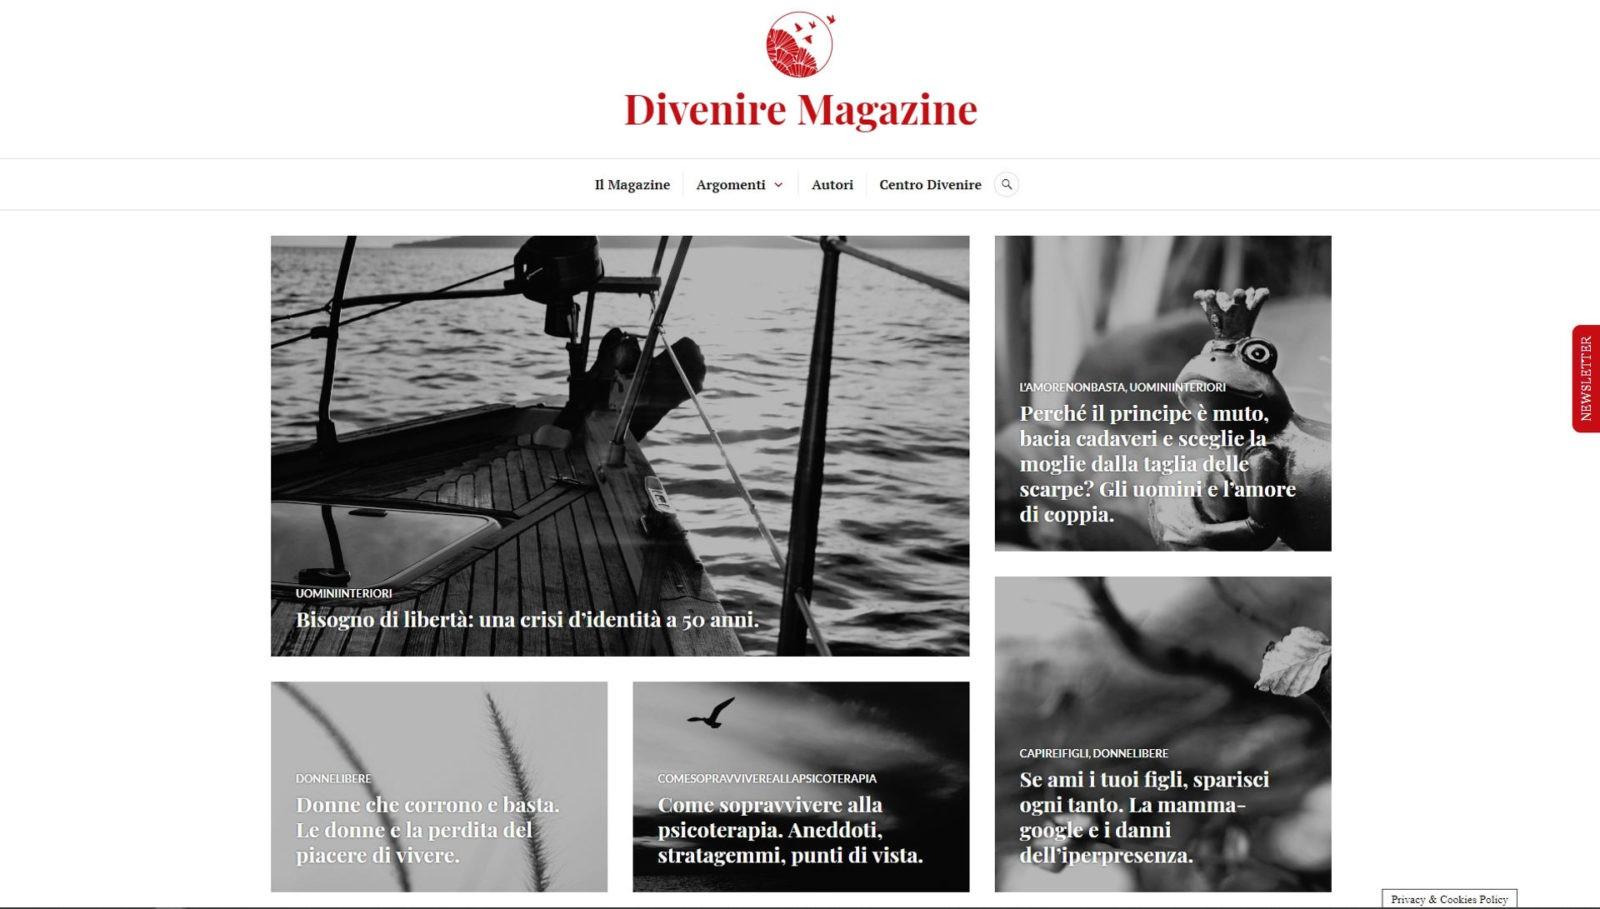 DIVENIRE MAGAZINE – WEBSITE